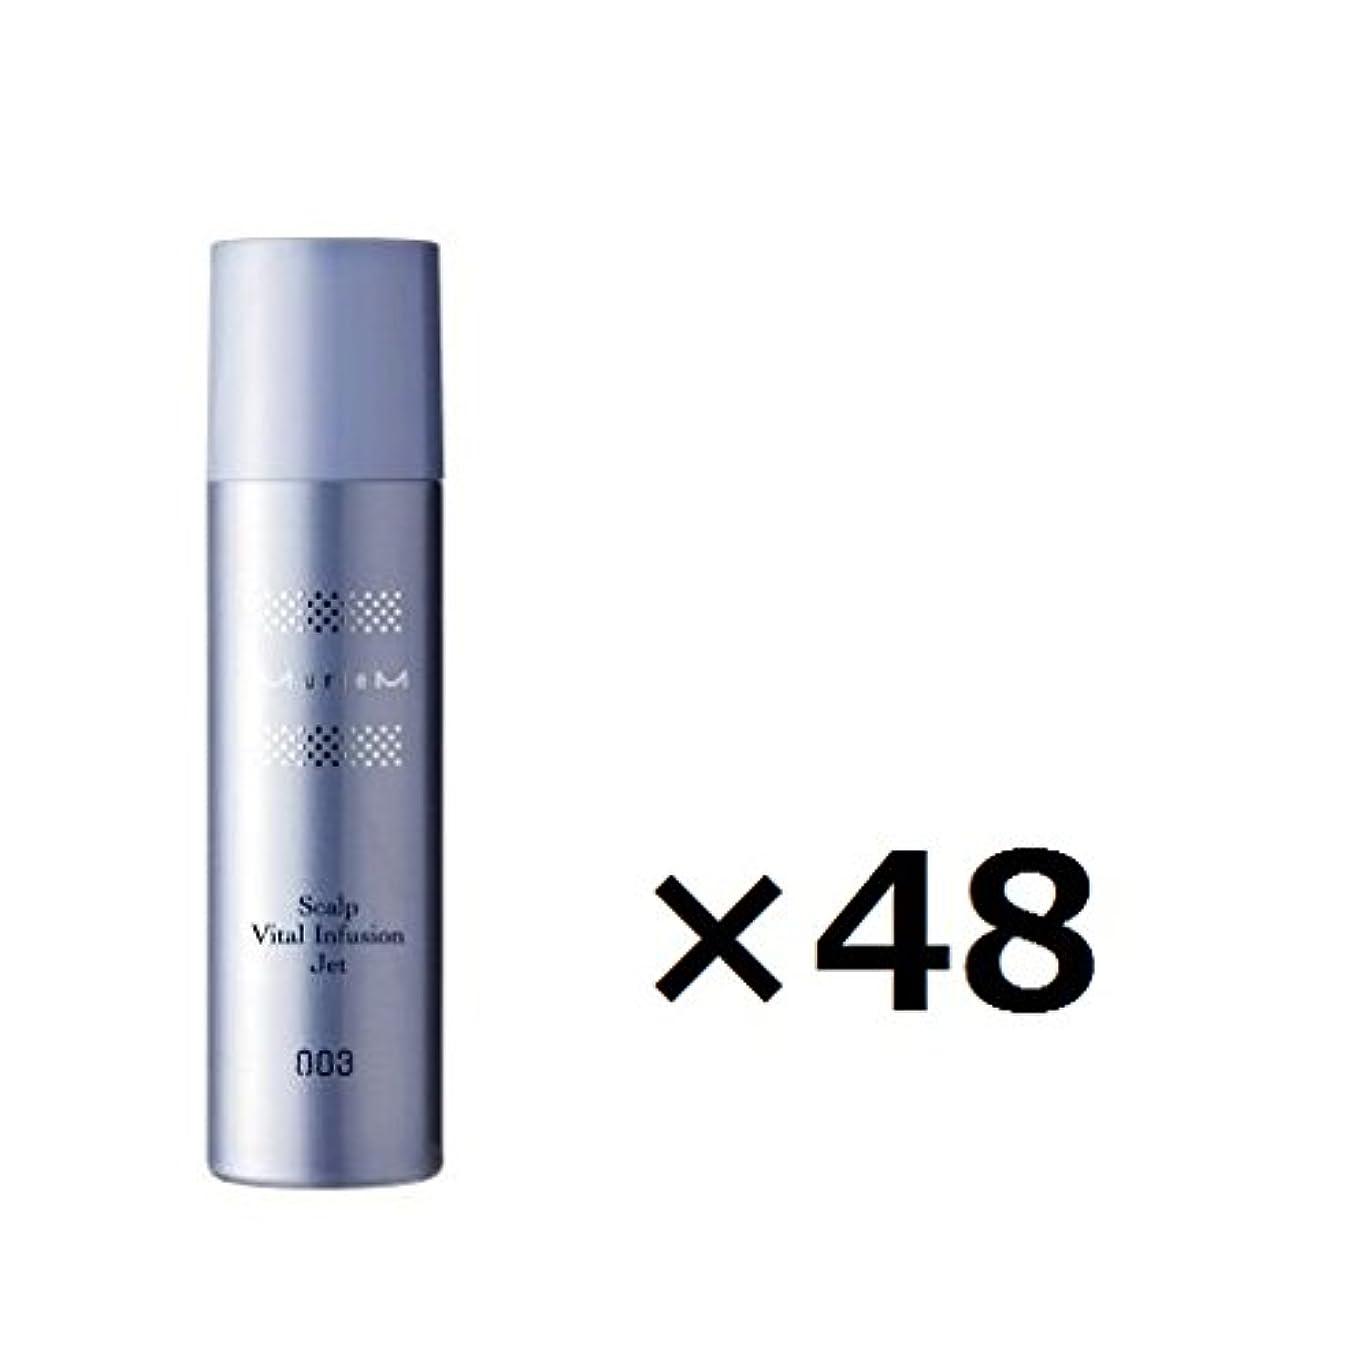 眠っている私たち自身気まぐれな【48本セット】ナンバースリー ミュリアム 薬用スカルプバイタル インフュージョンジェット 160g